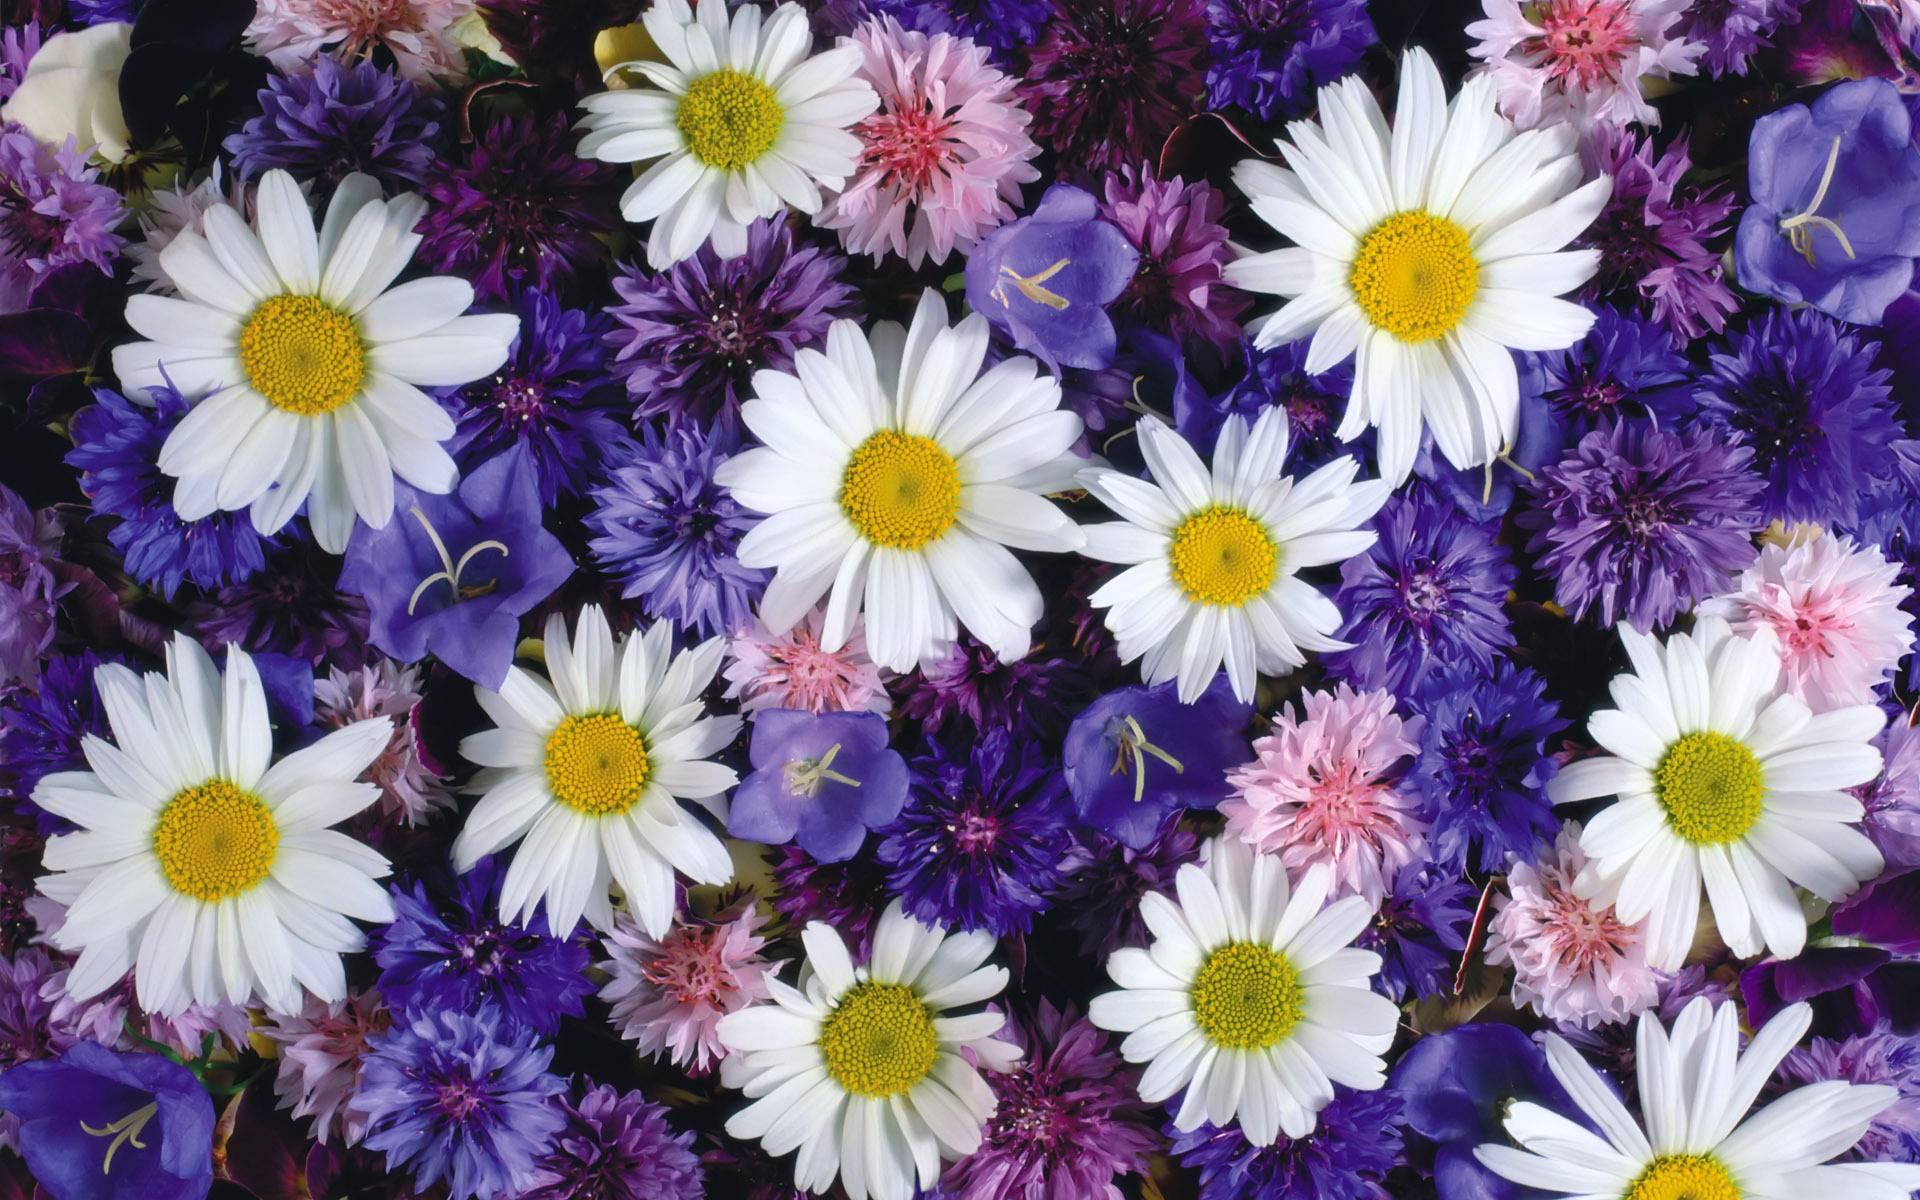 открытка с множеством цветов устанавливают кухне, чтобы